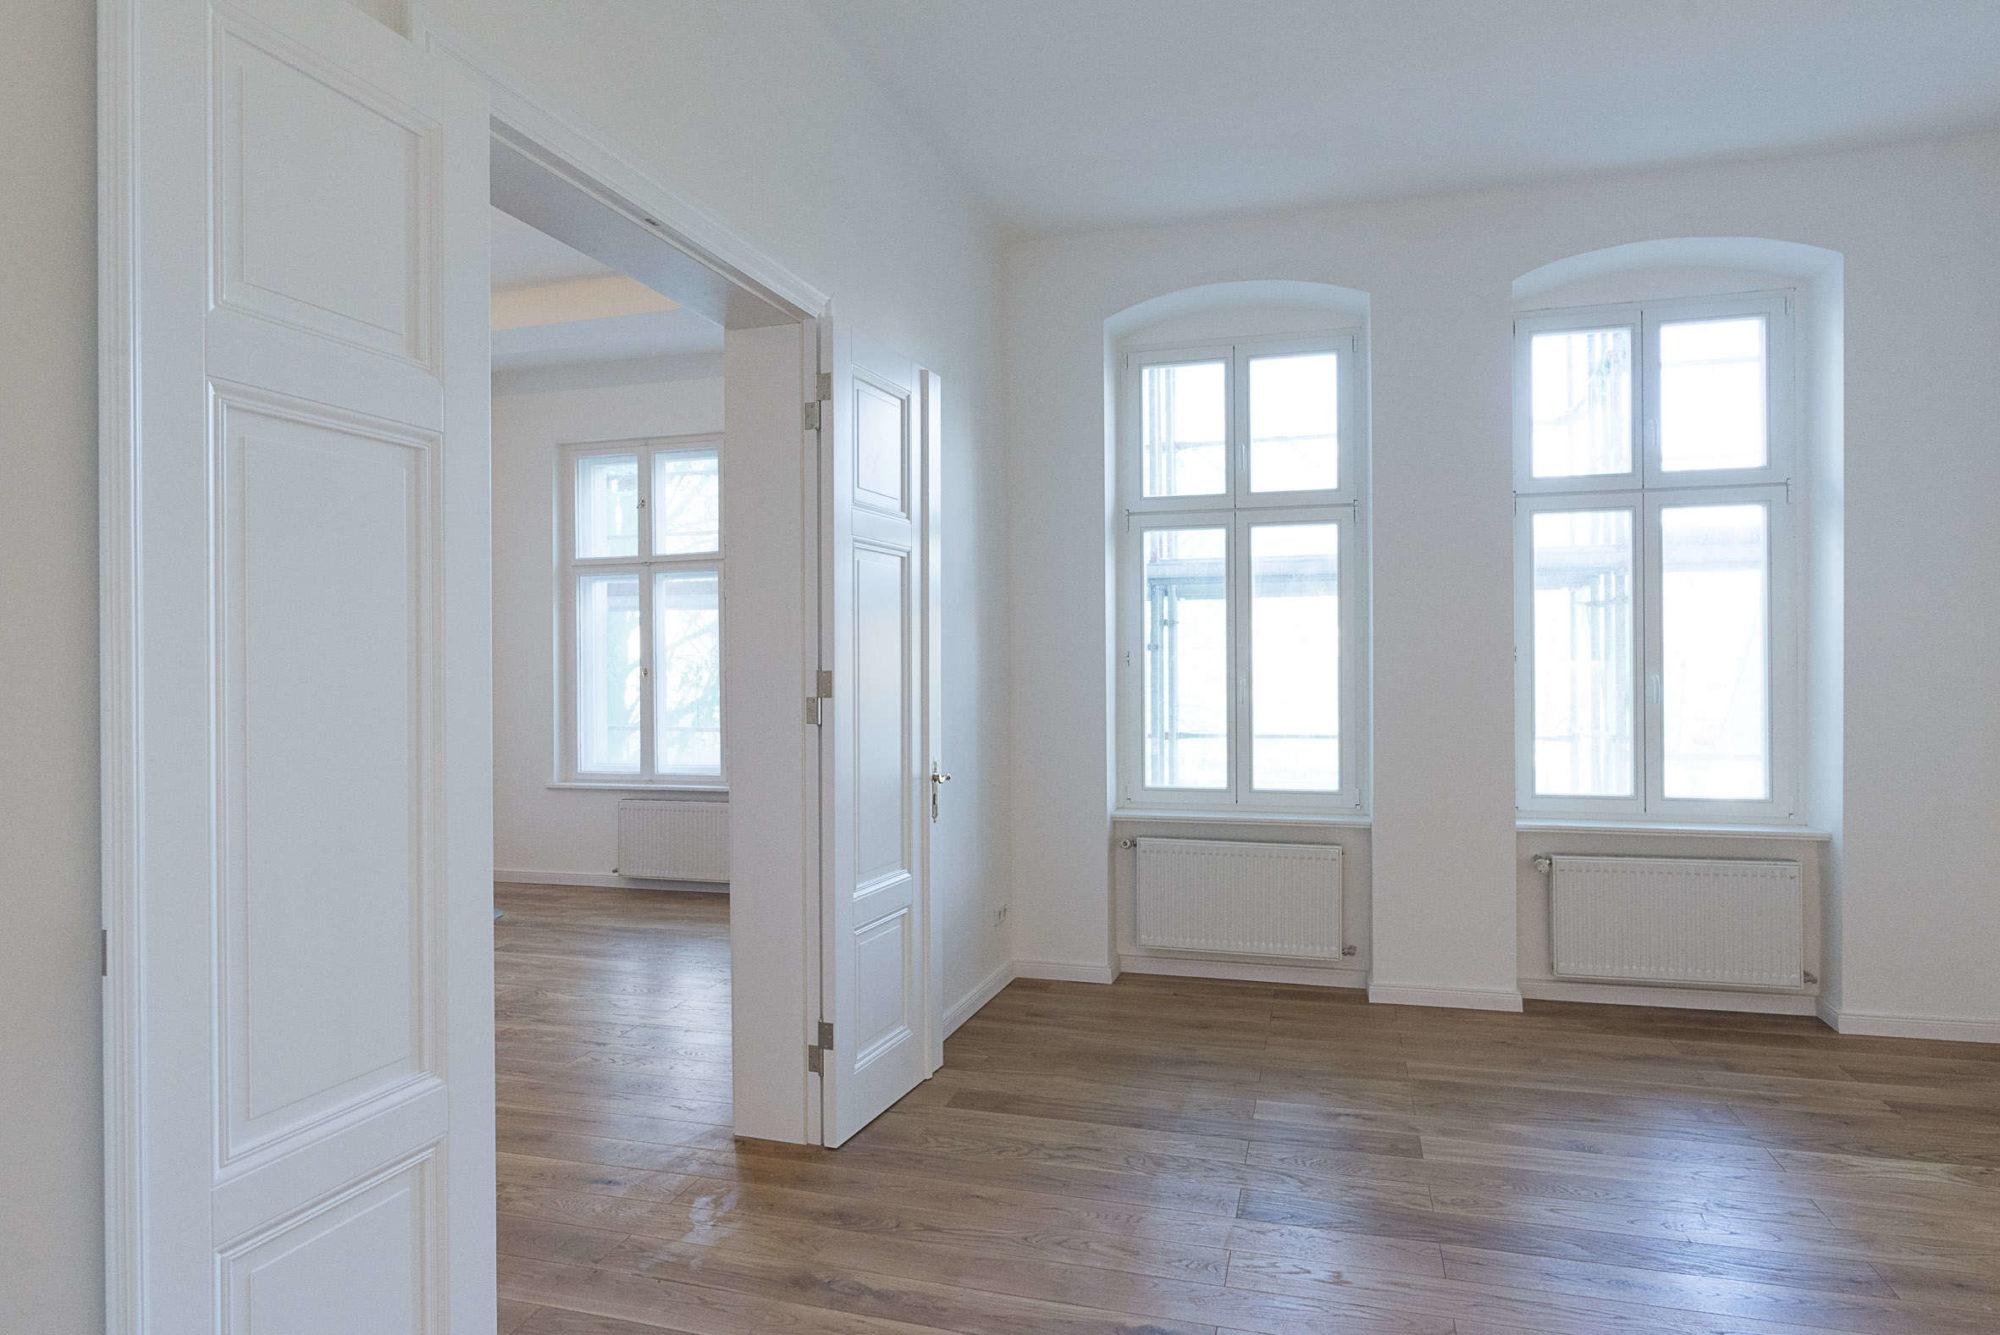 wohnungsbau-charlottenburg-altbausanierung-wohnräume-berlin-schoenbornschmitz-architekten